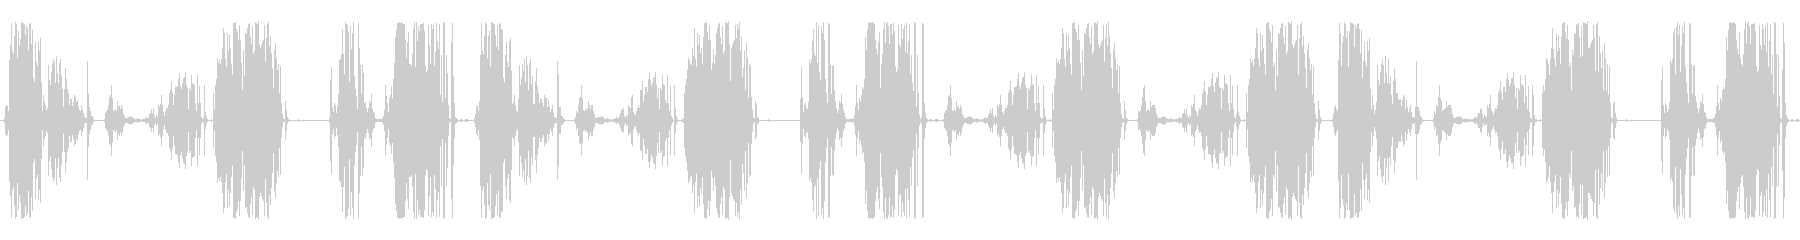 さびた古いティボリホイール、ワーク...の未再生の波形